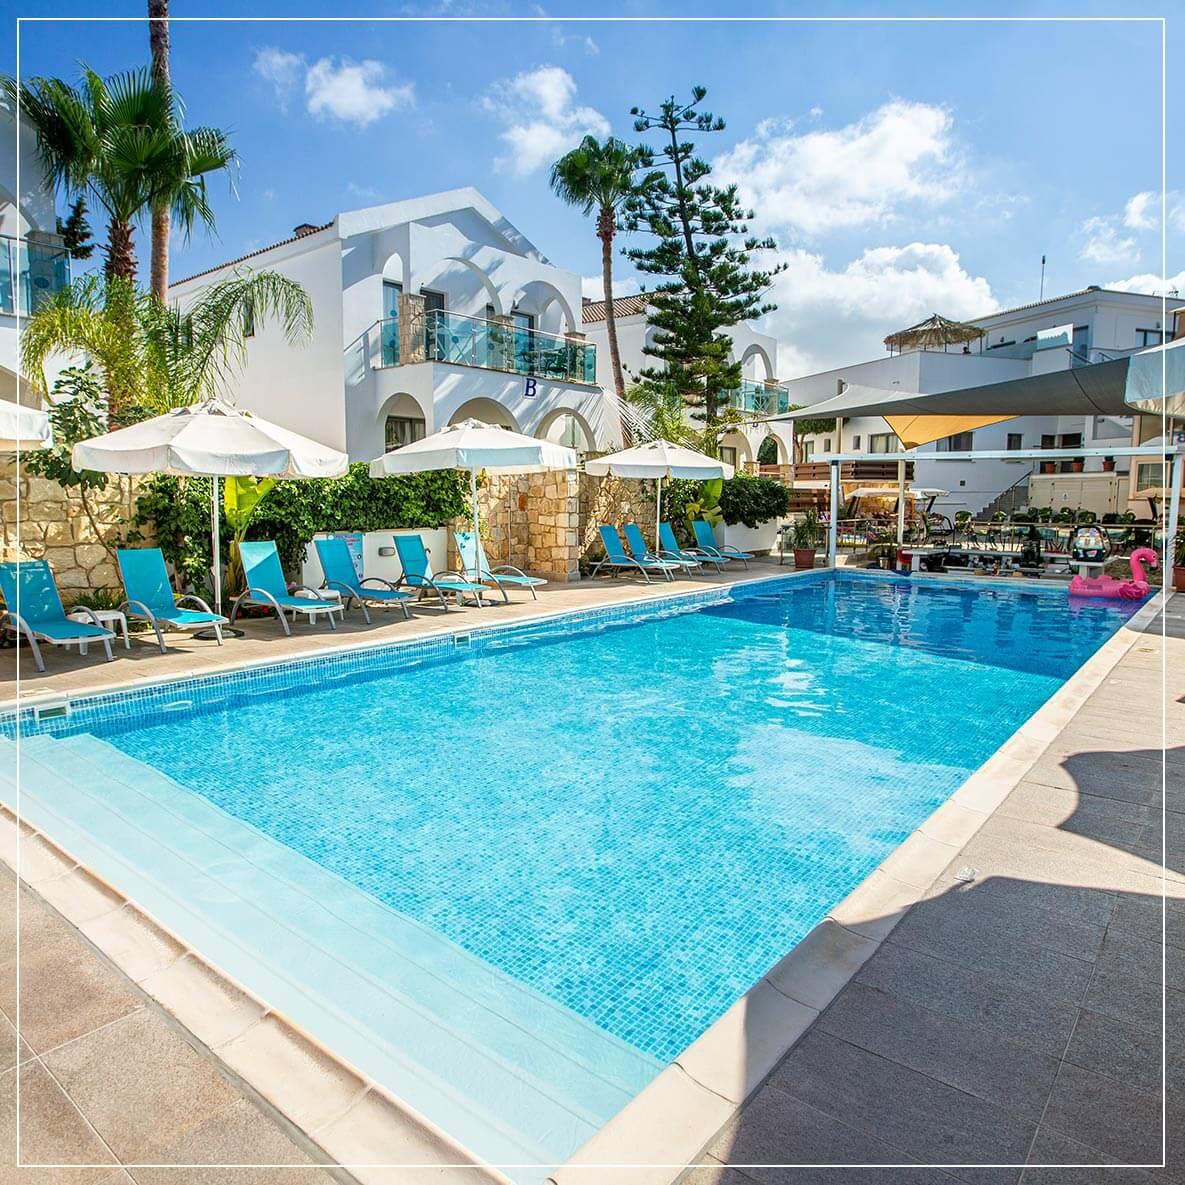 caprice resort outdoor pool